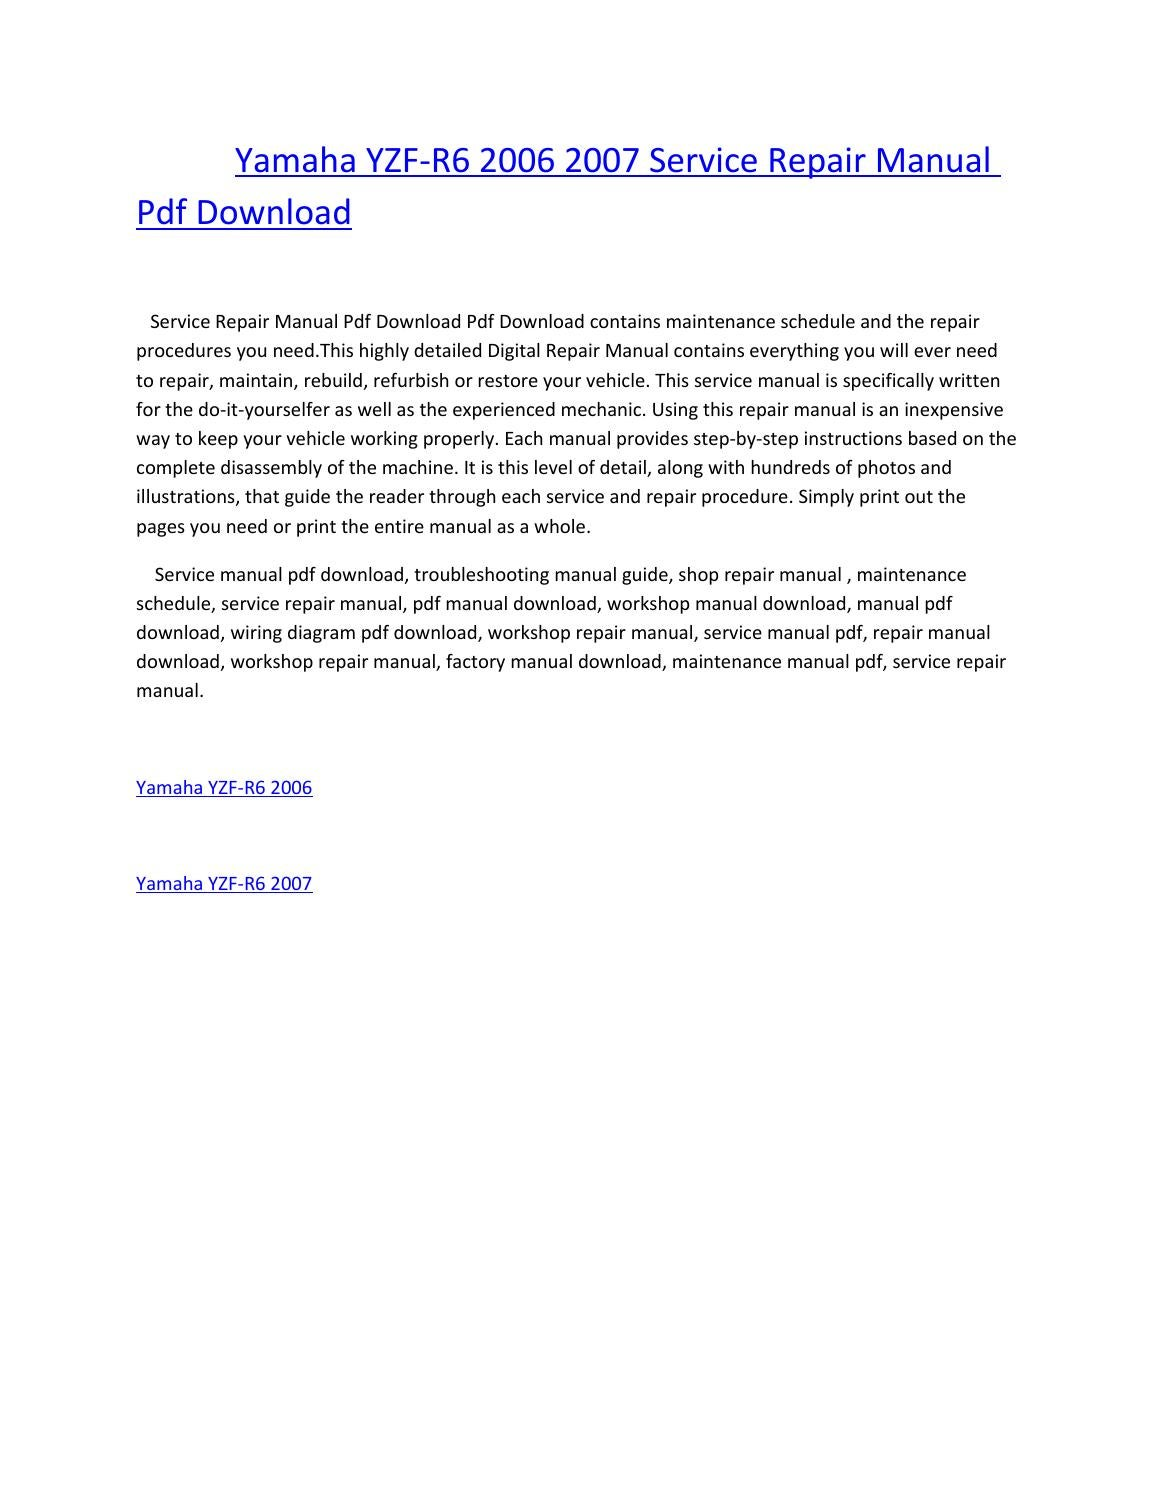 Yamaha yzf r6 2006 2007 service repair manual pdf download